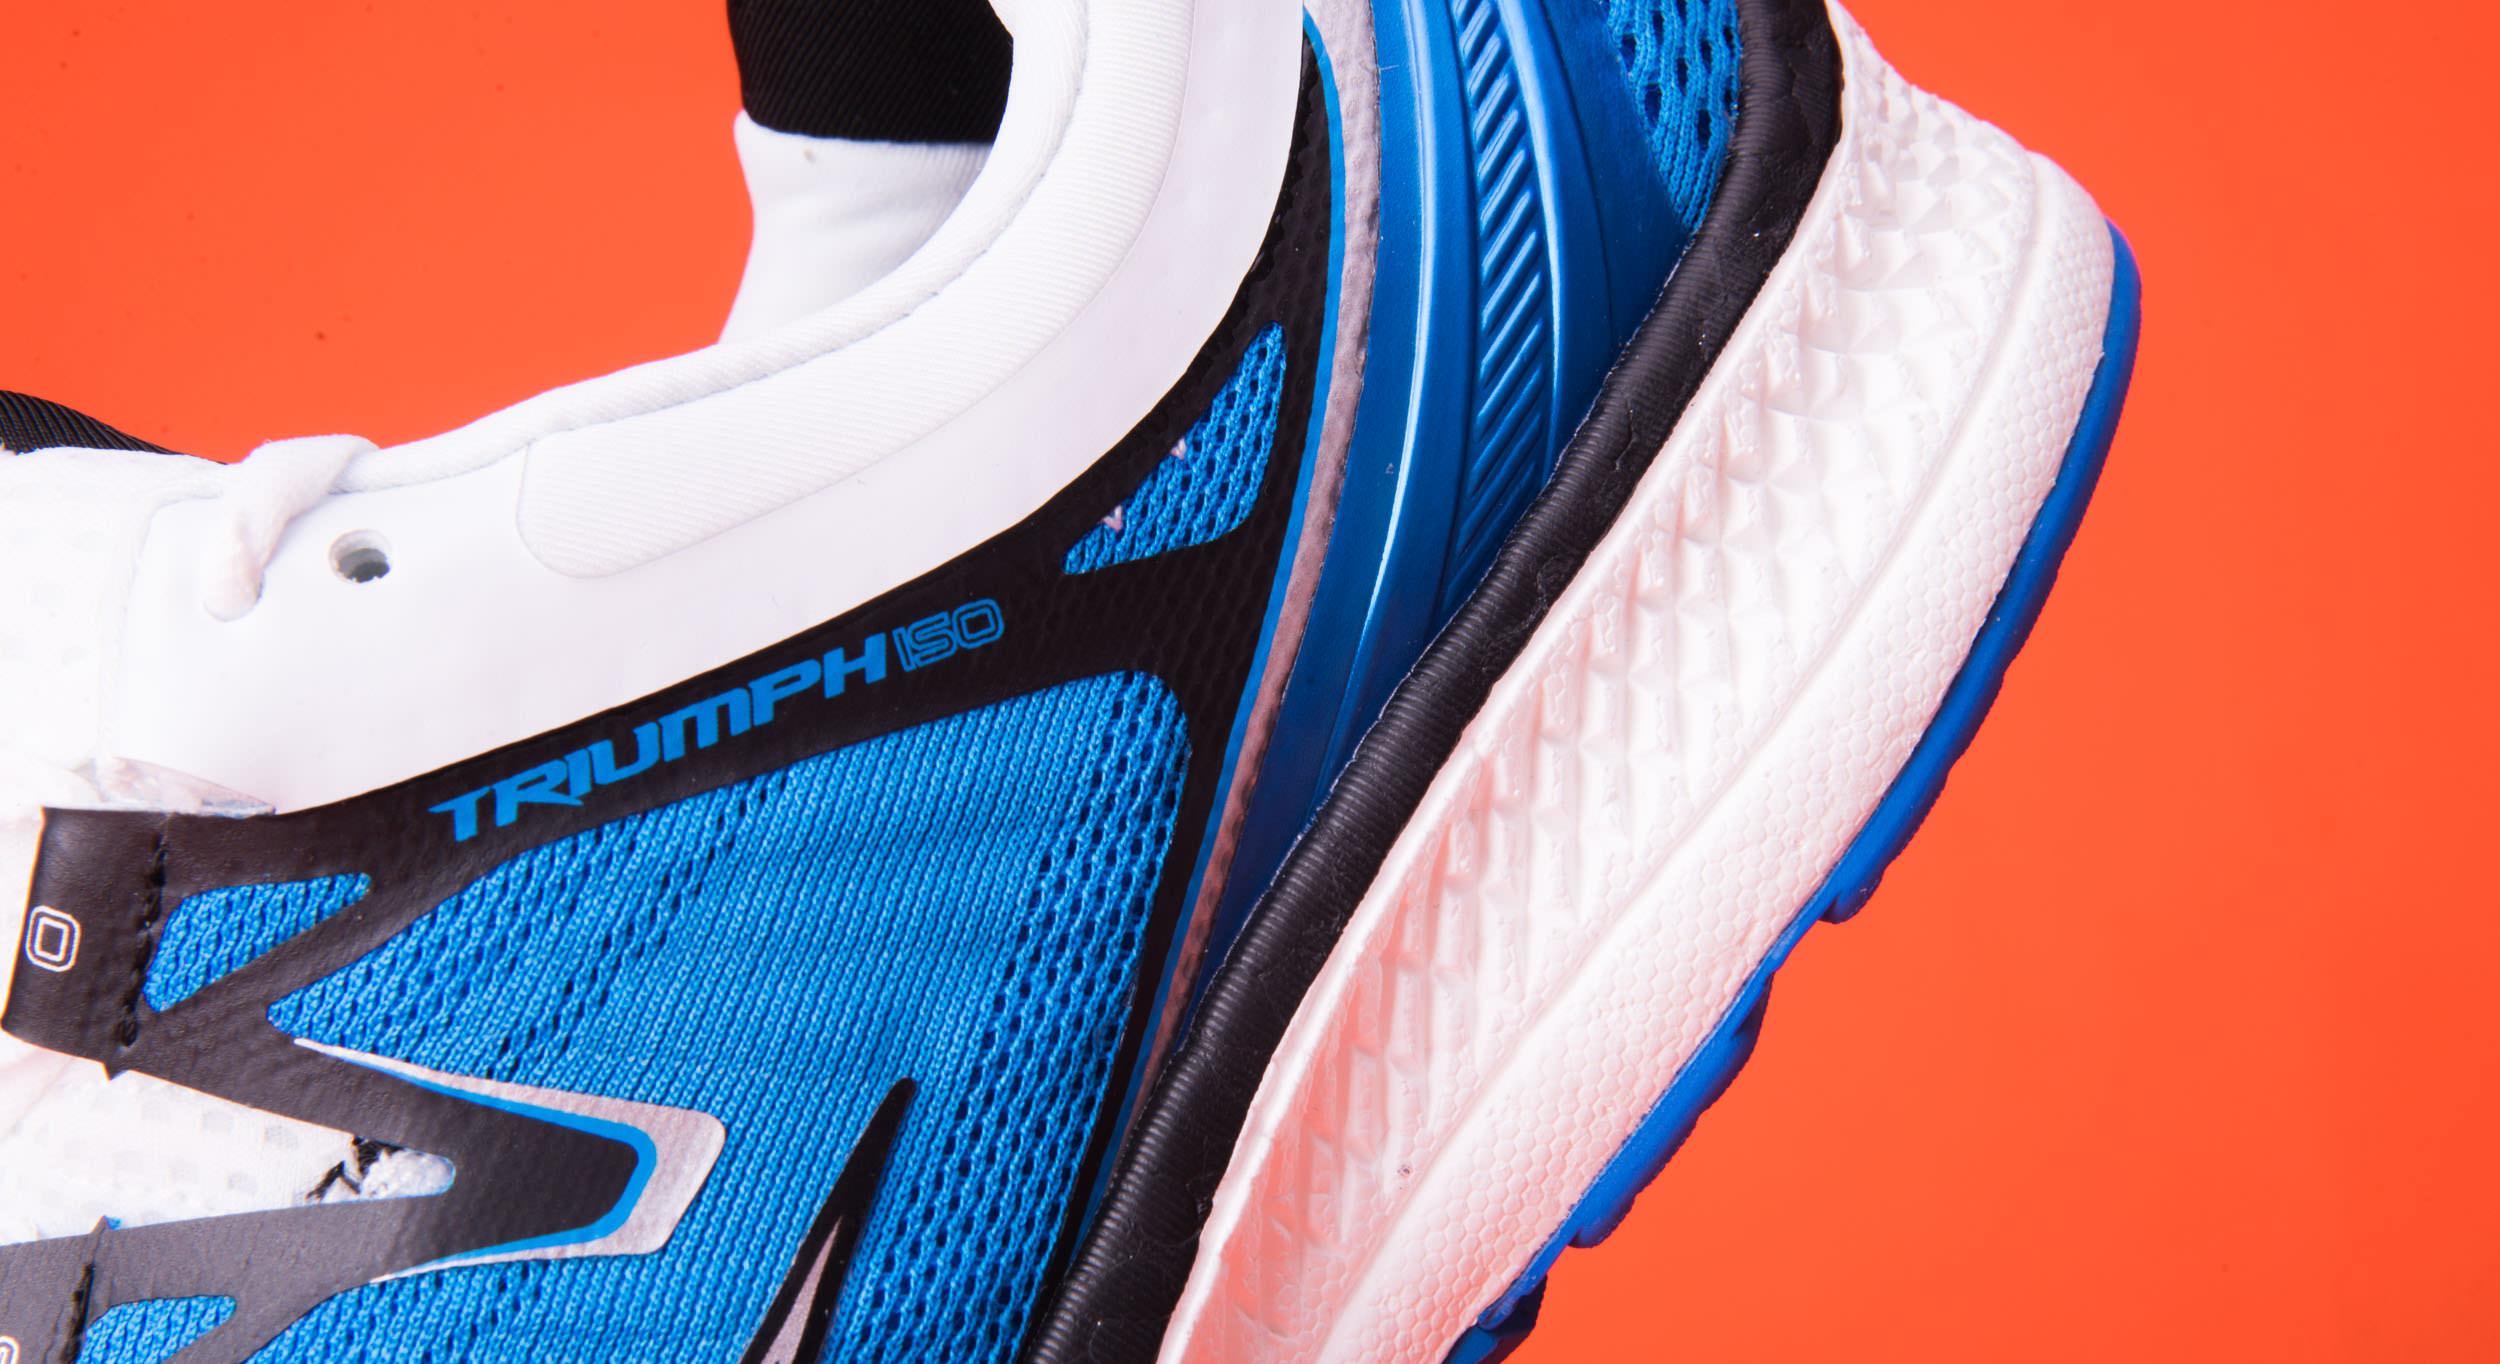 开箱 | Saucony Triumph ISO 4 顶级缓冲的入门跑鞋